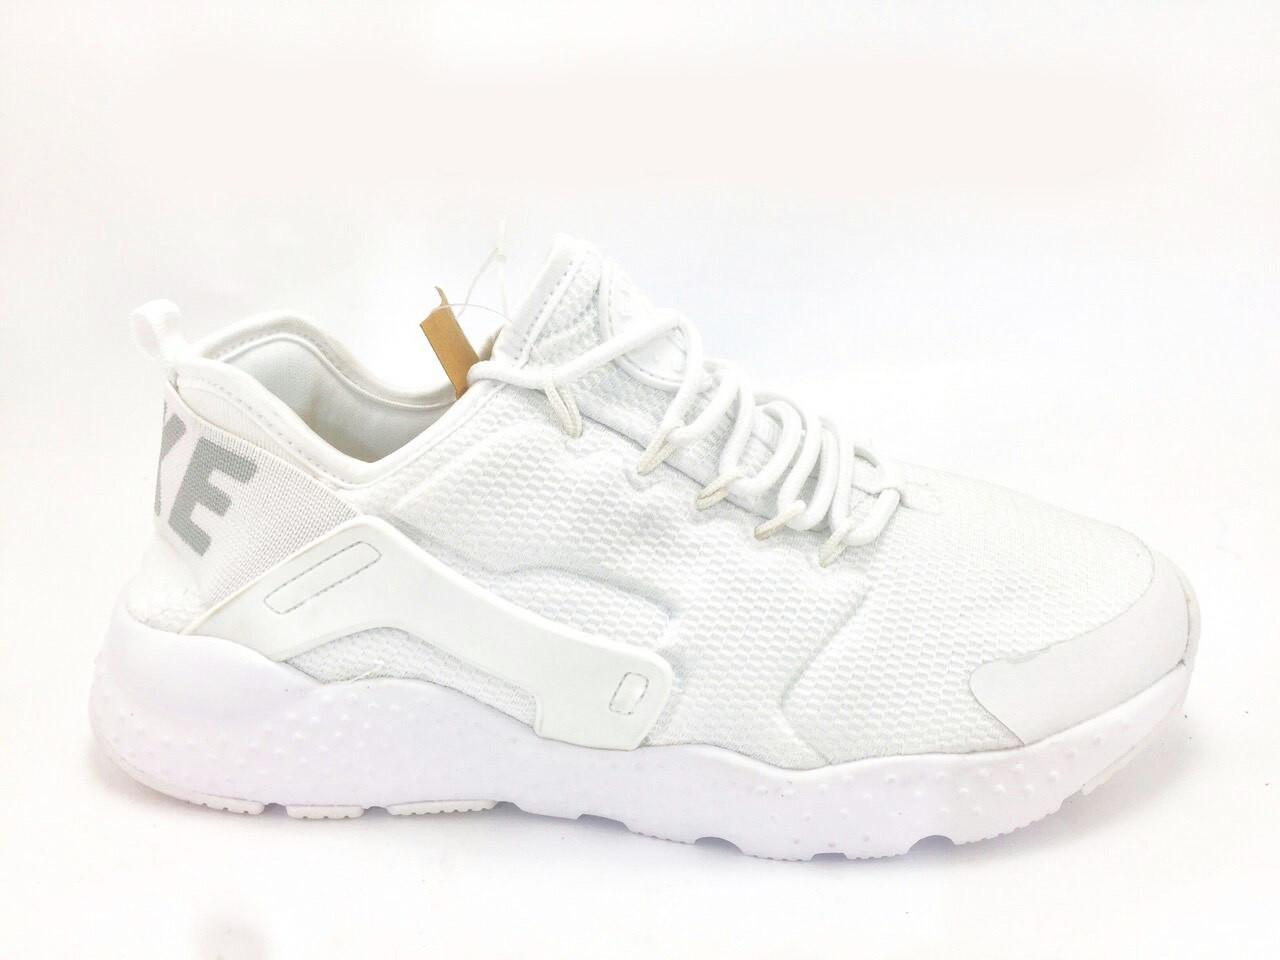 94c25531 Женские кроссовки Nike Huarache белые 1917, цена 845,01 грн., купить ...